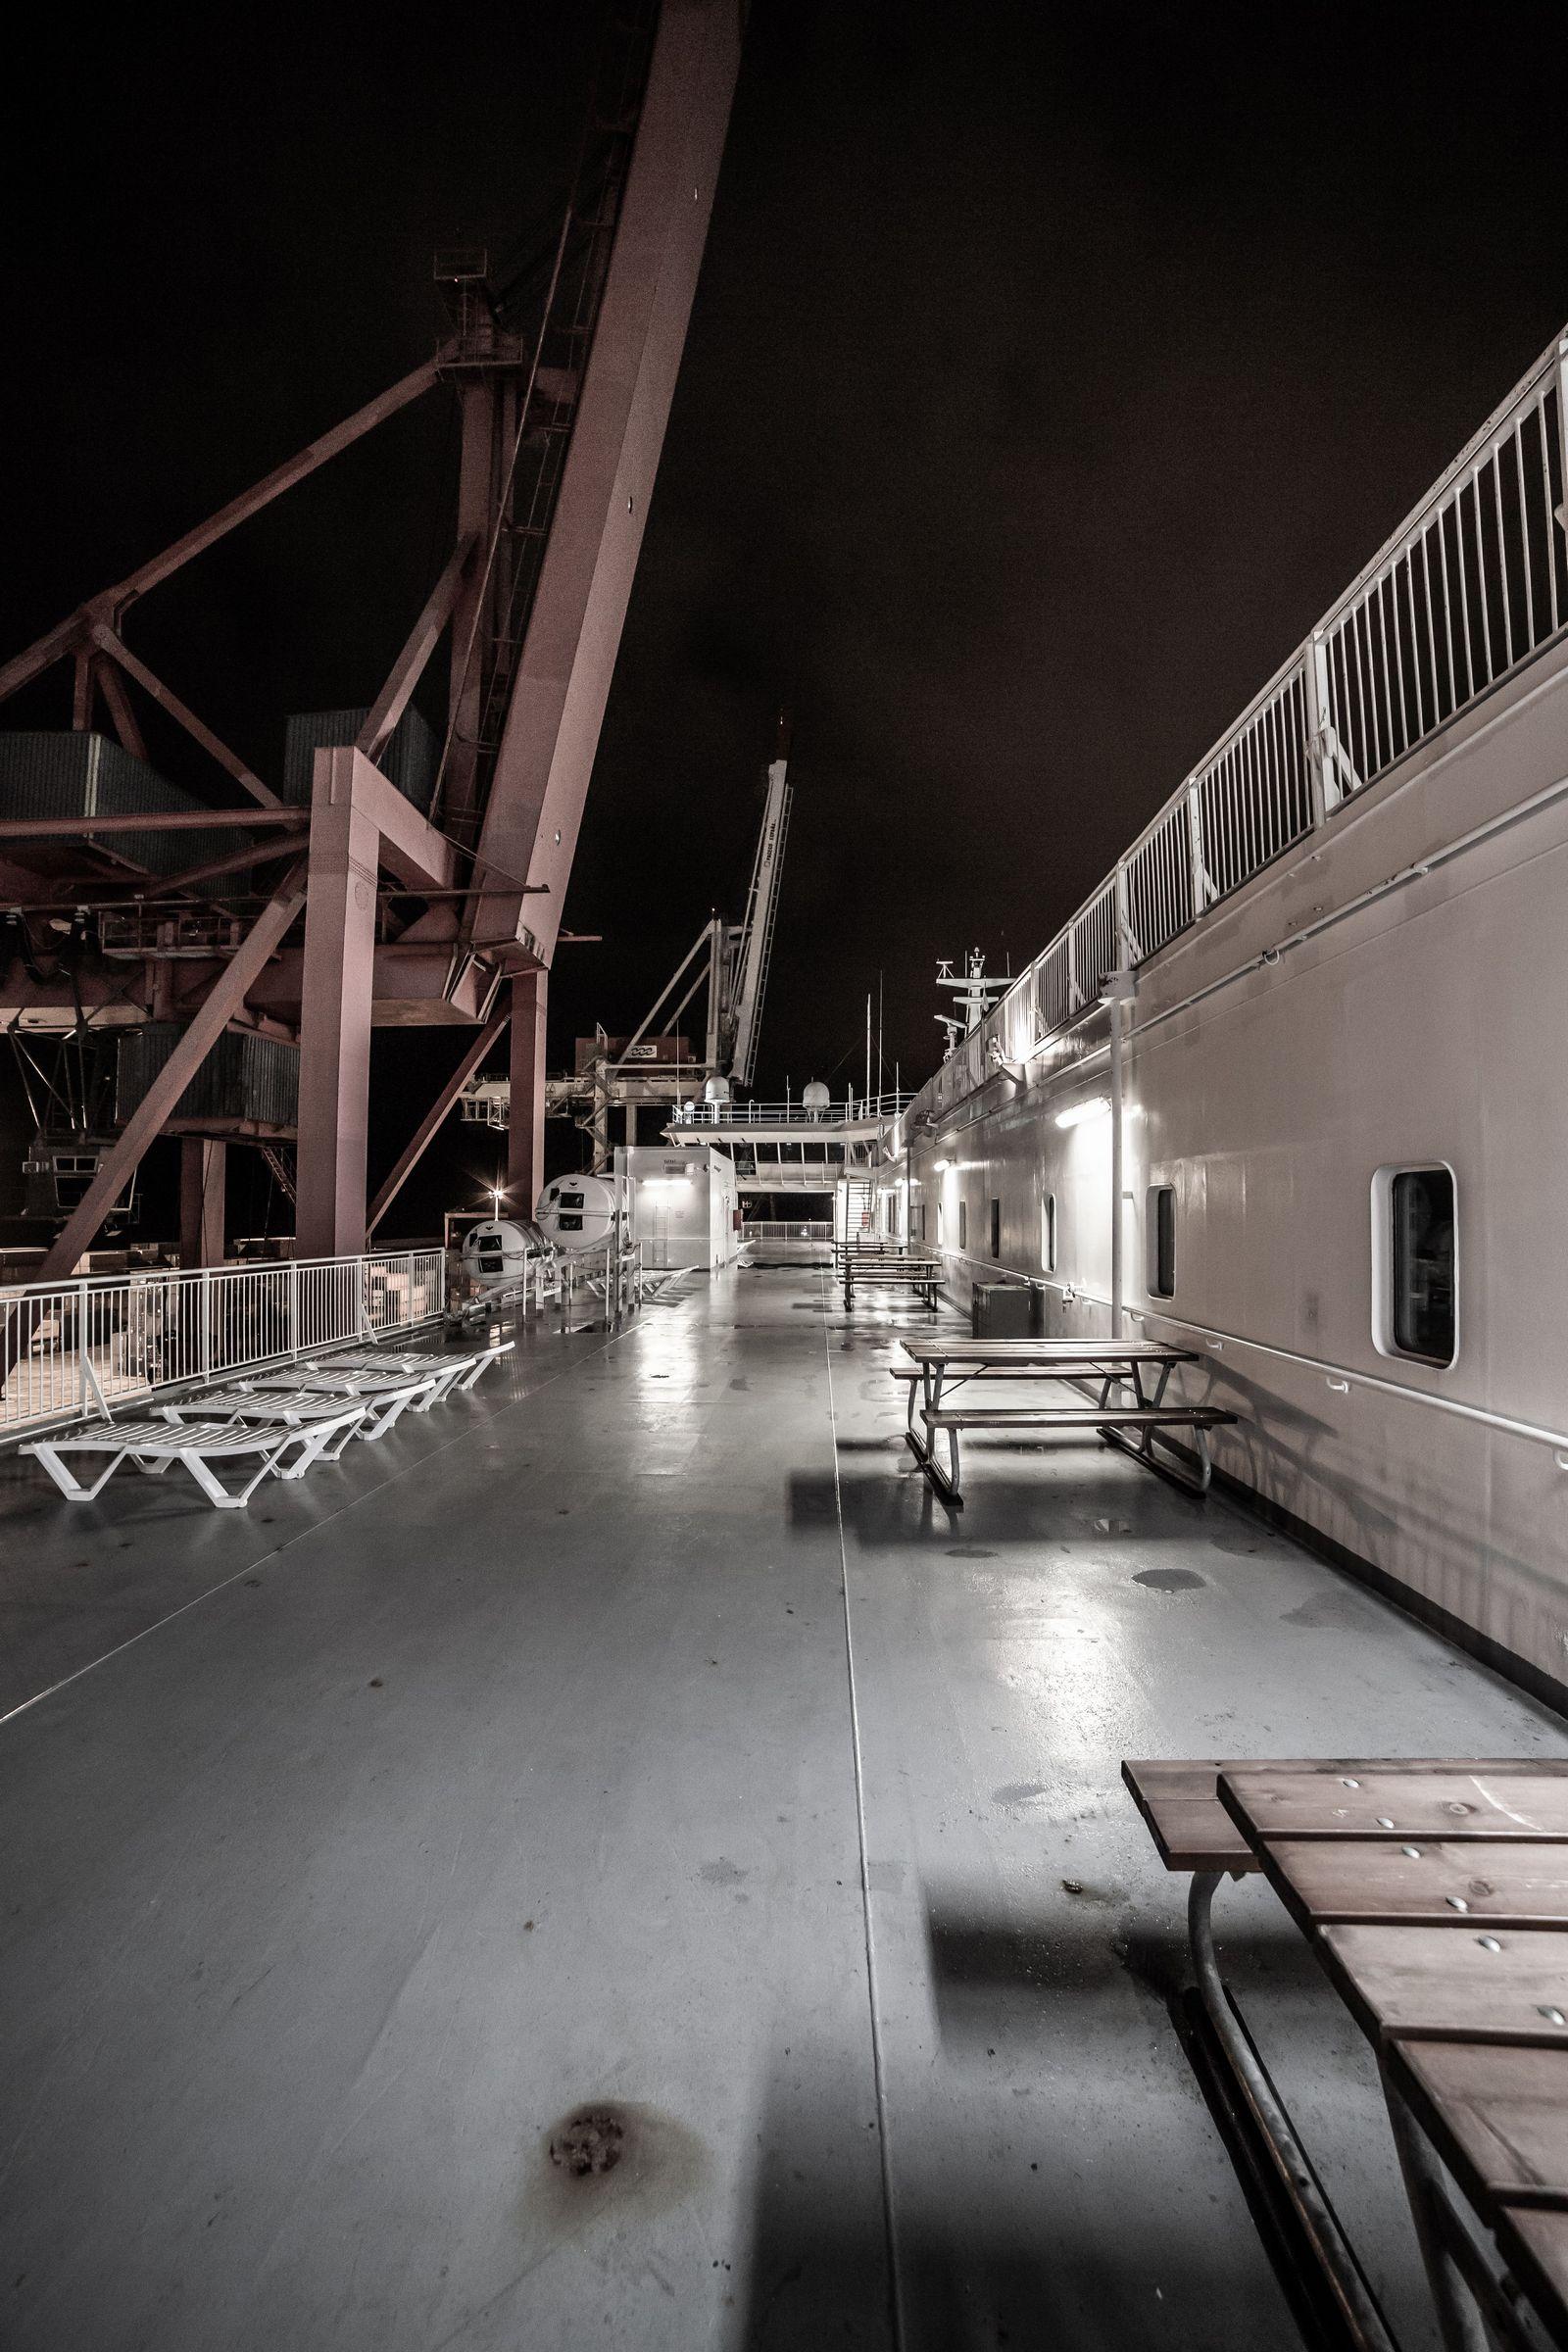 La soledad del marinero